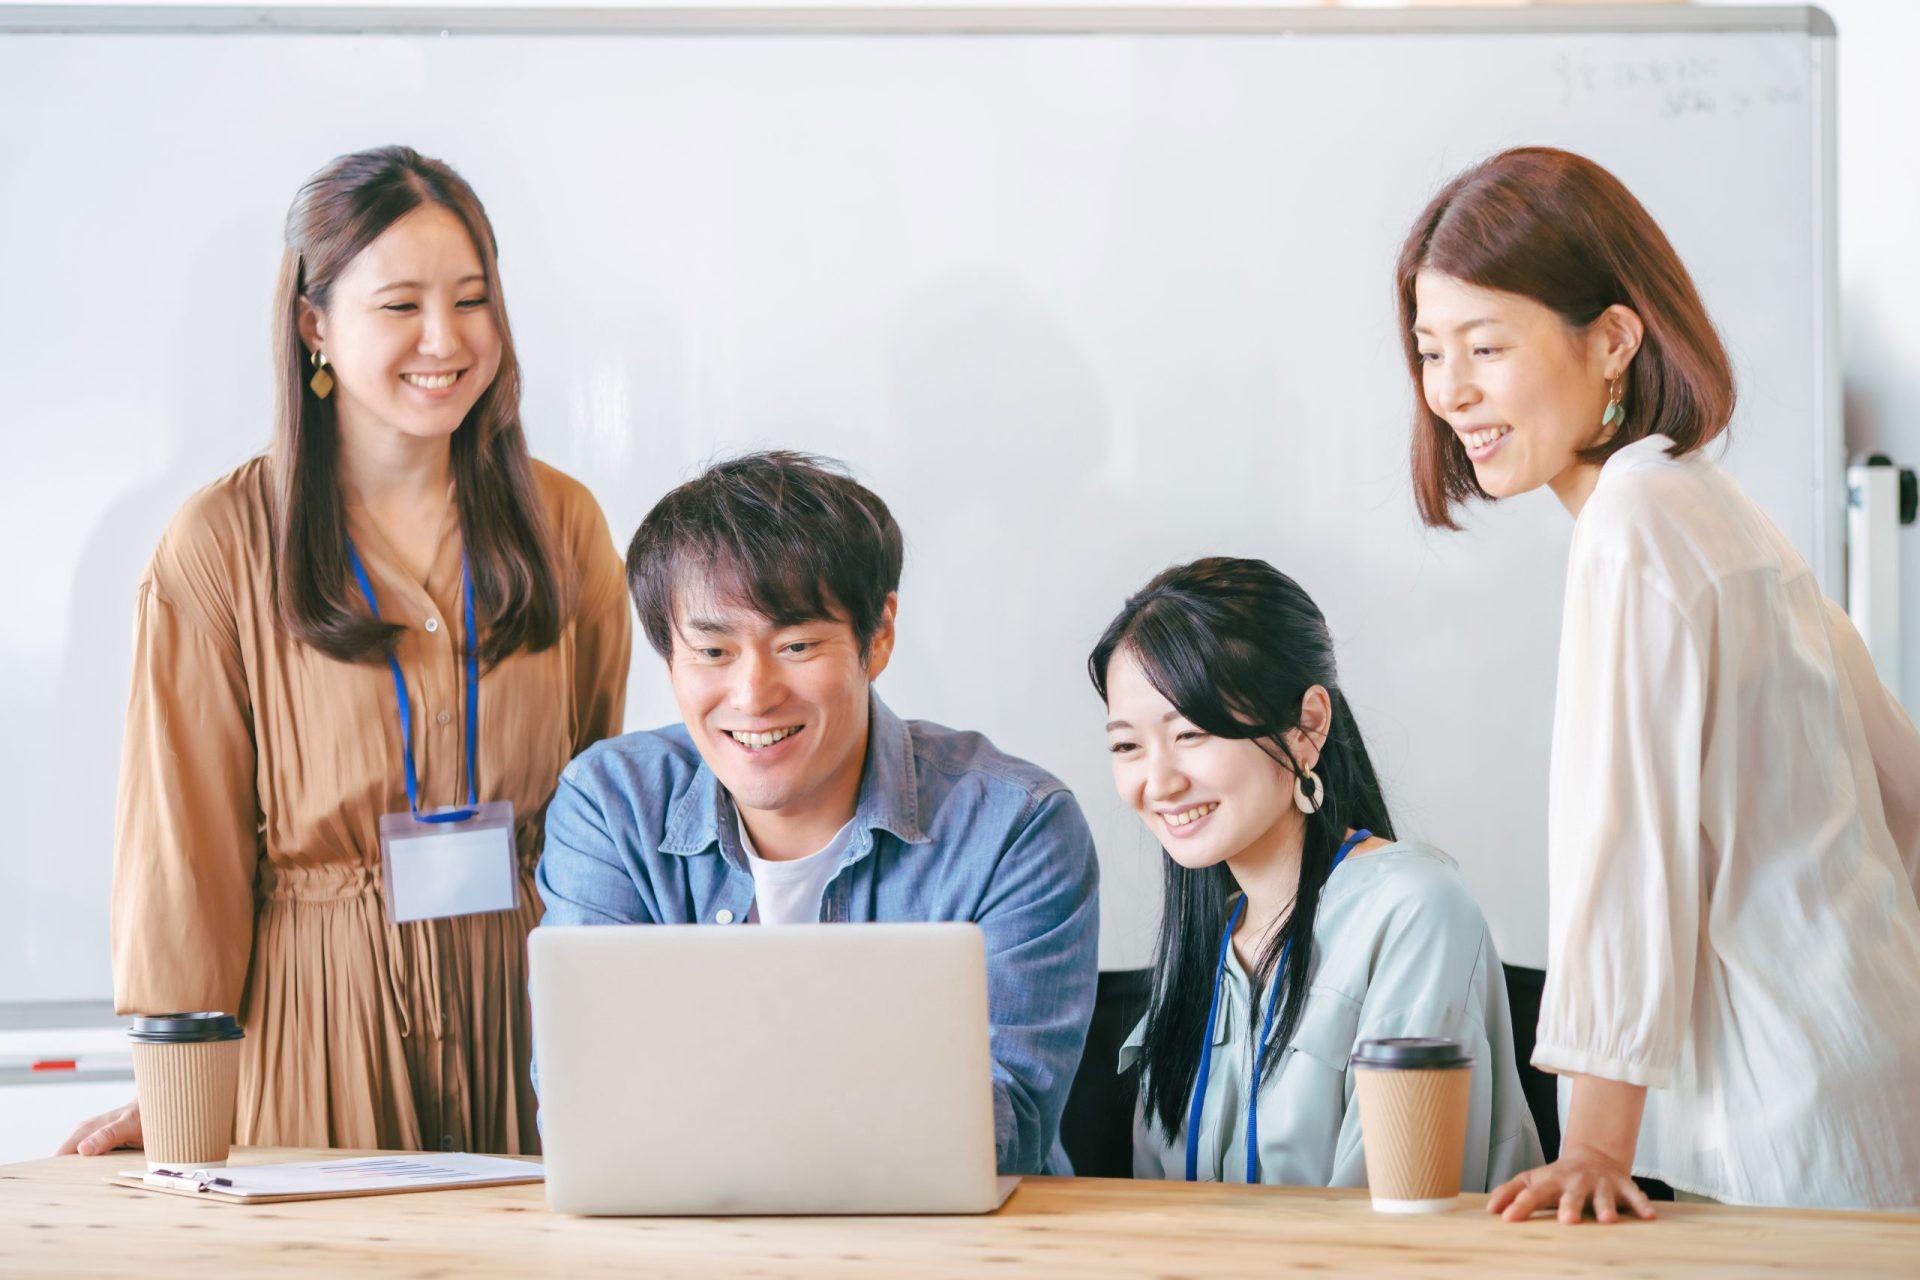 マイナビ2023年卒大学生インターンシップ・就職活動準備実態調査(8月)